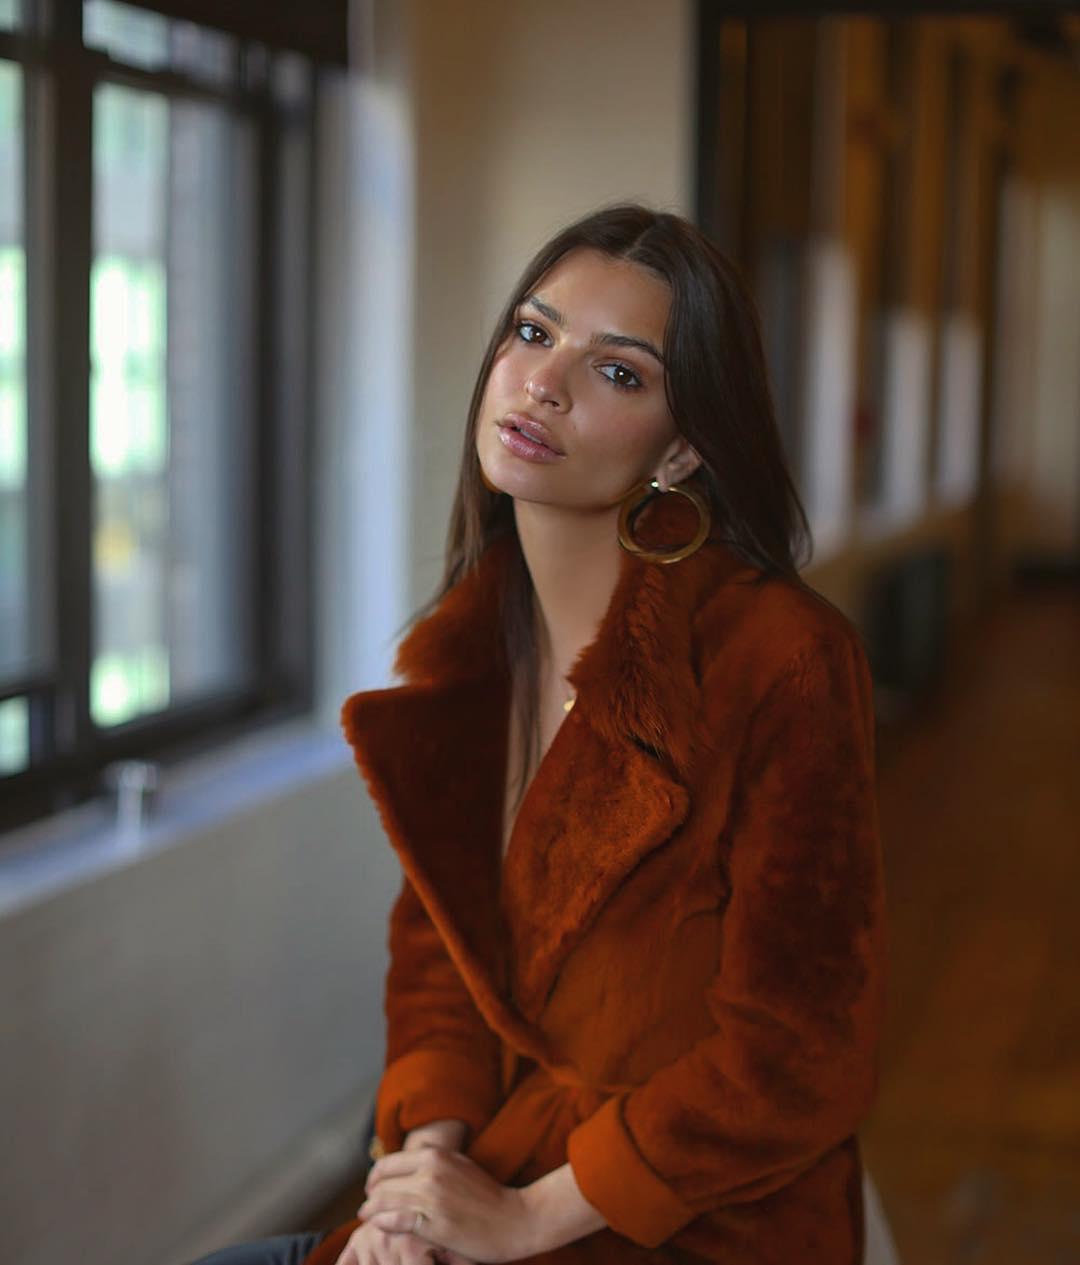 Эмили Ратаковски порадовала поклонников новым откровенным фото